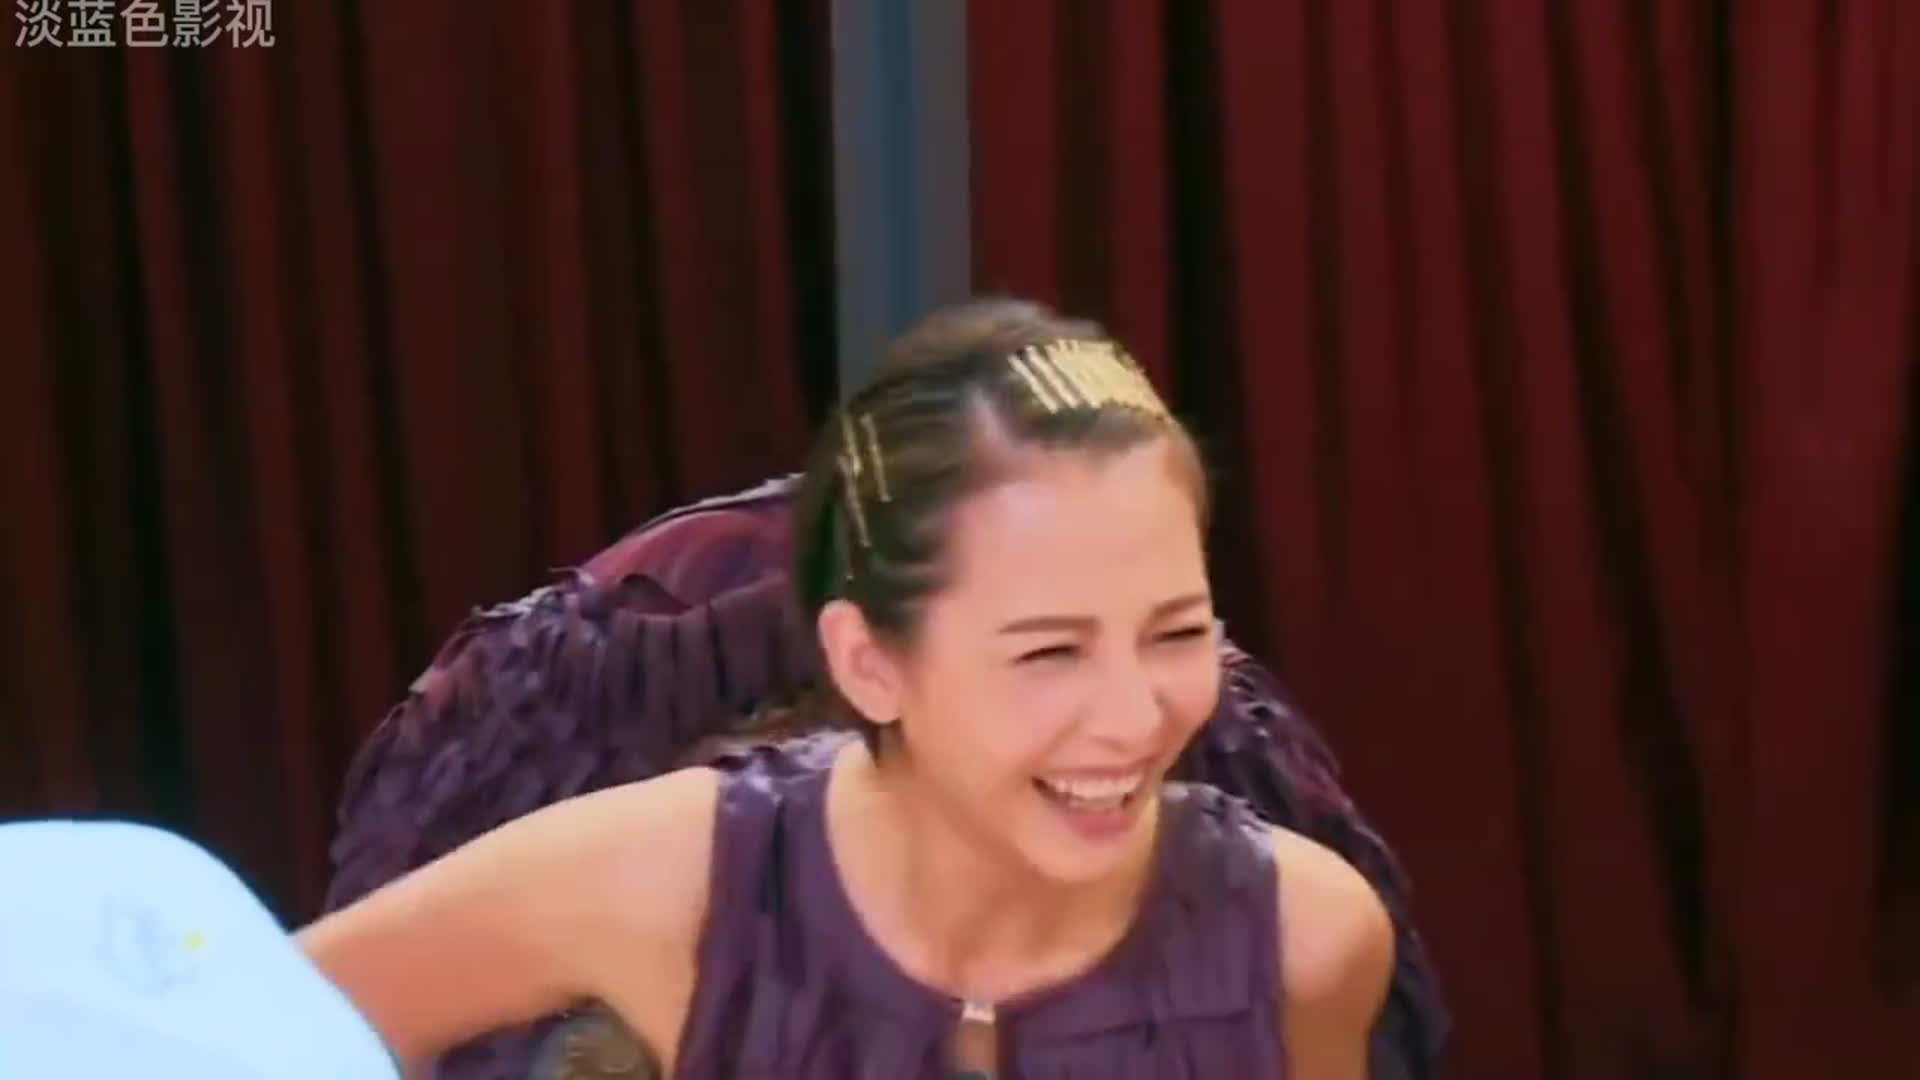 谢娜现场模仿蔡少芬,模仿的太像了,太好笑了